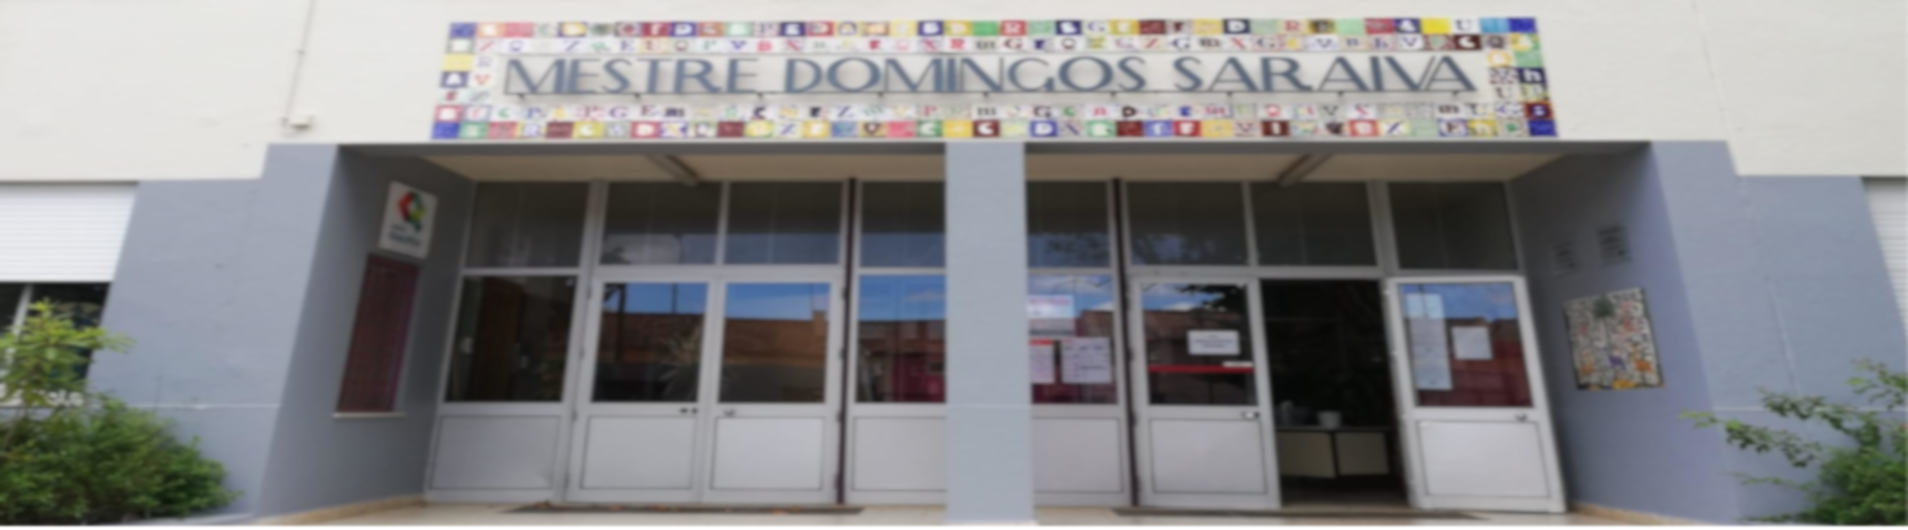 Escola Sede - Escola Básica e Secundária Mestre Domingos Saraiva